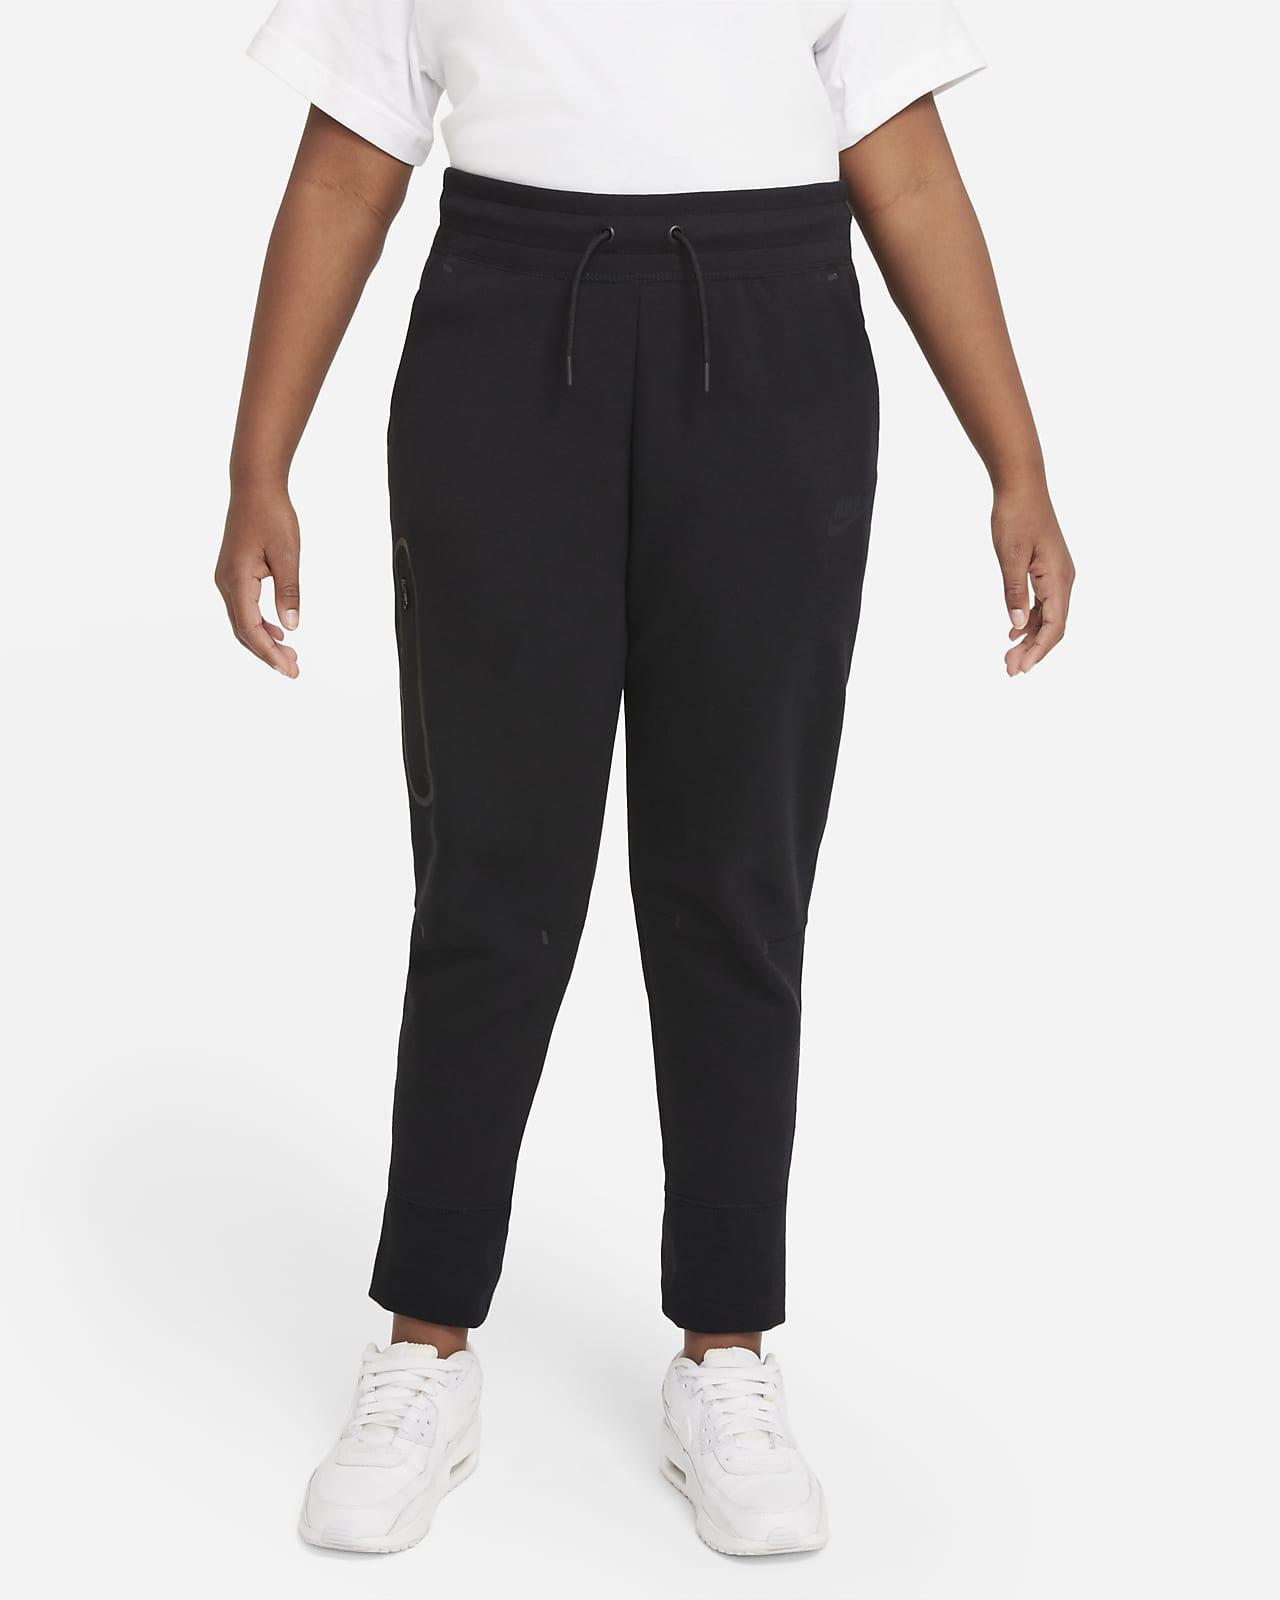 Nike Sportswear Tech Fleece Big Kids' (Girls') Pants (Extended Size)